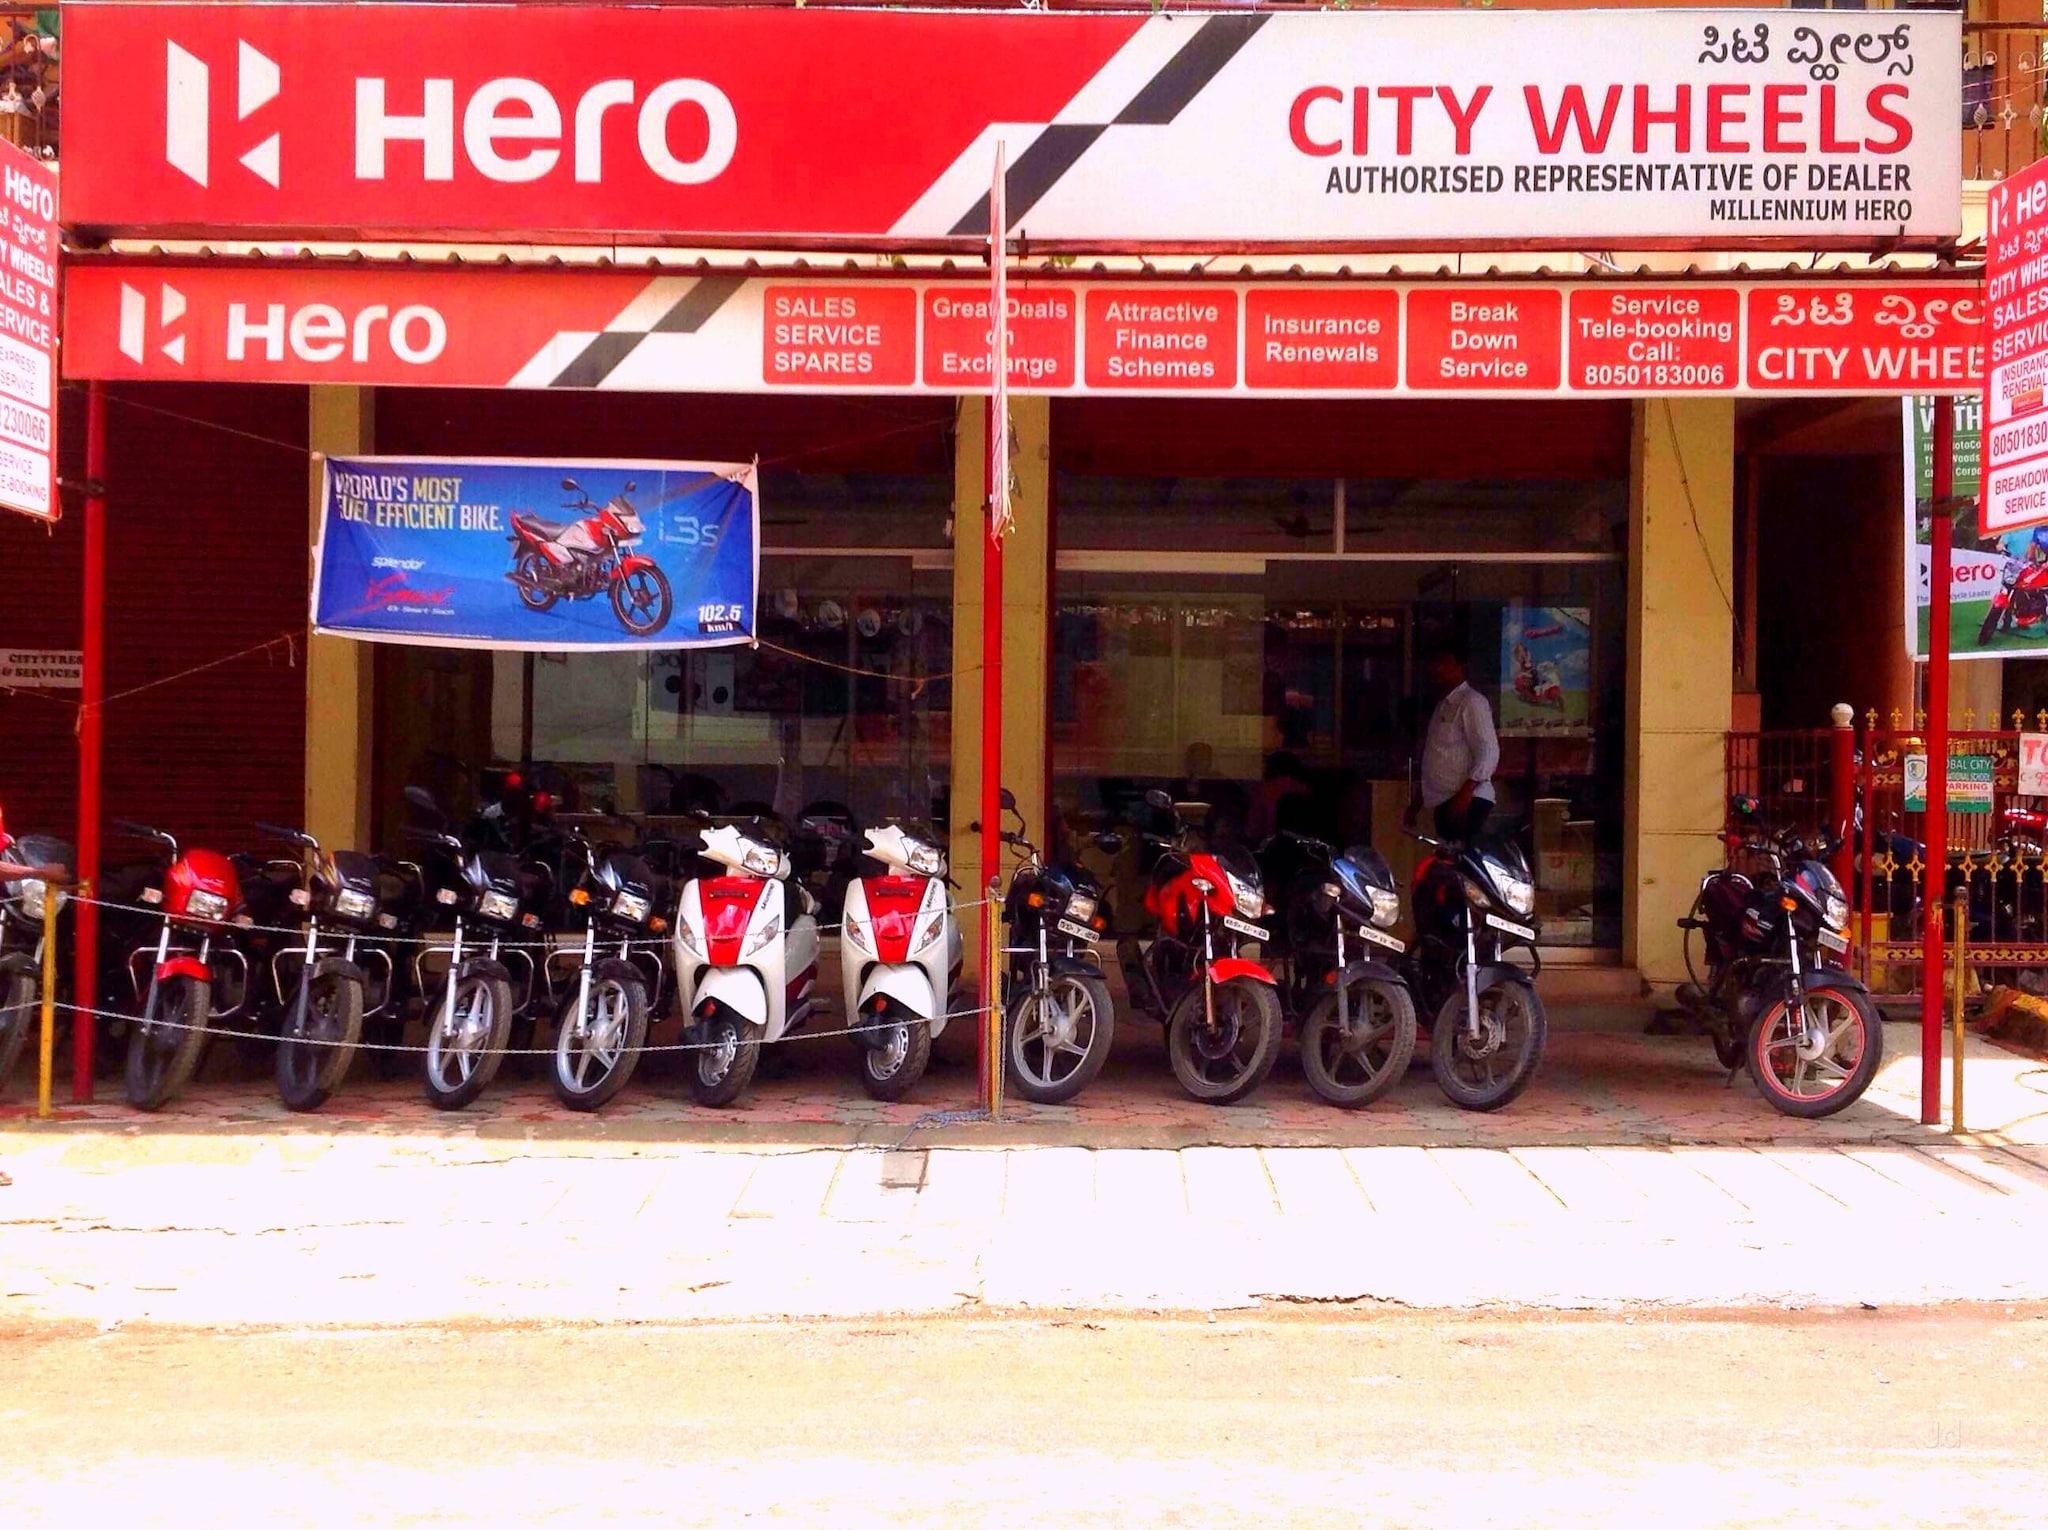 Top Hero Passion Motorcycle Dealers in Budigere - Best Hero